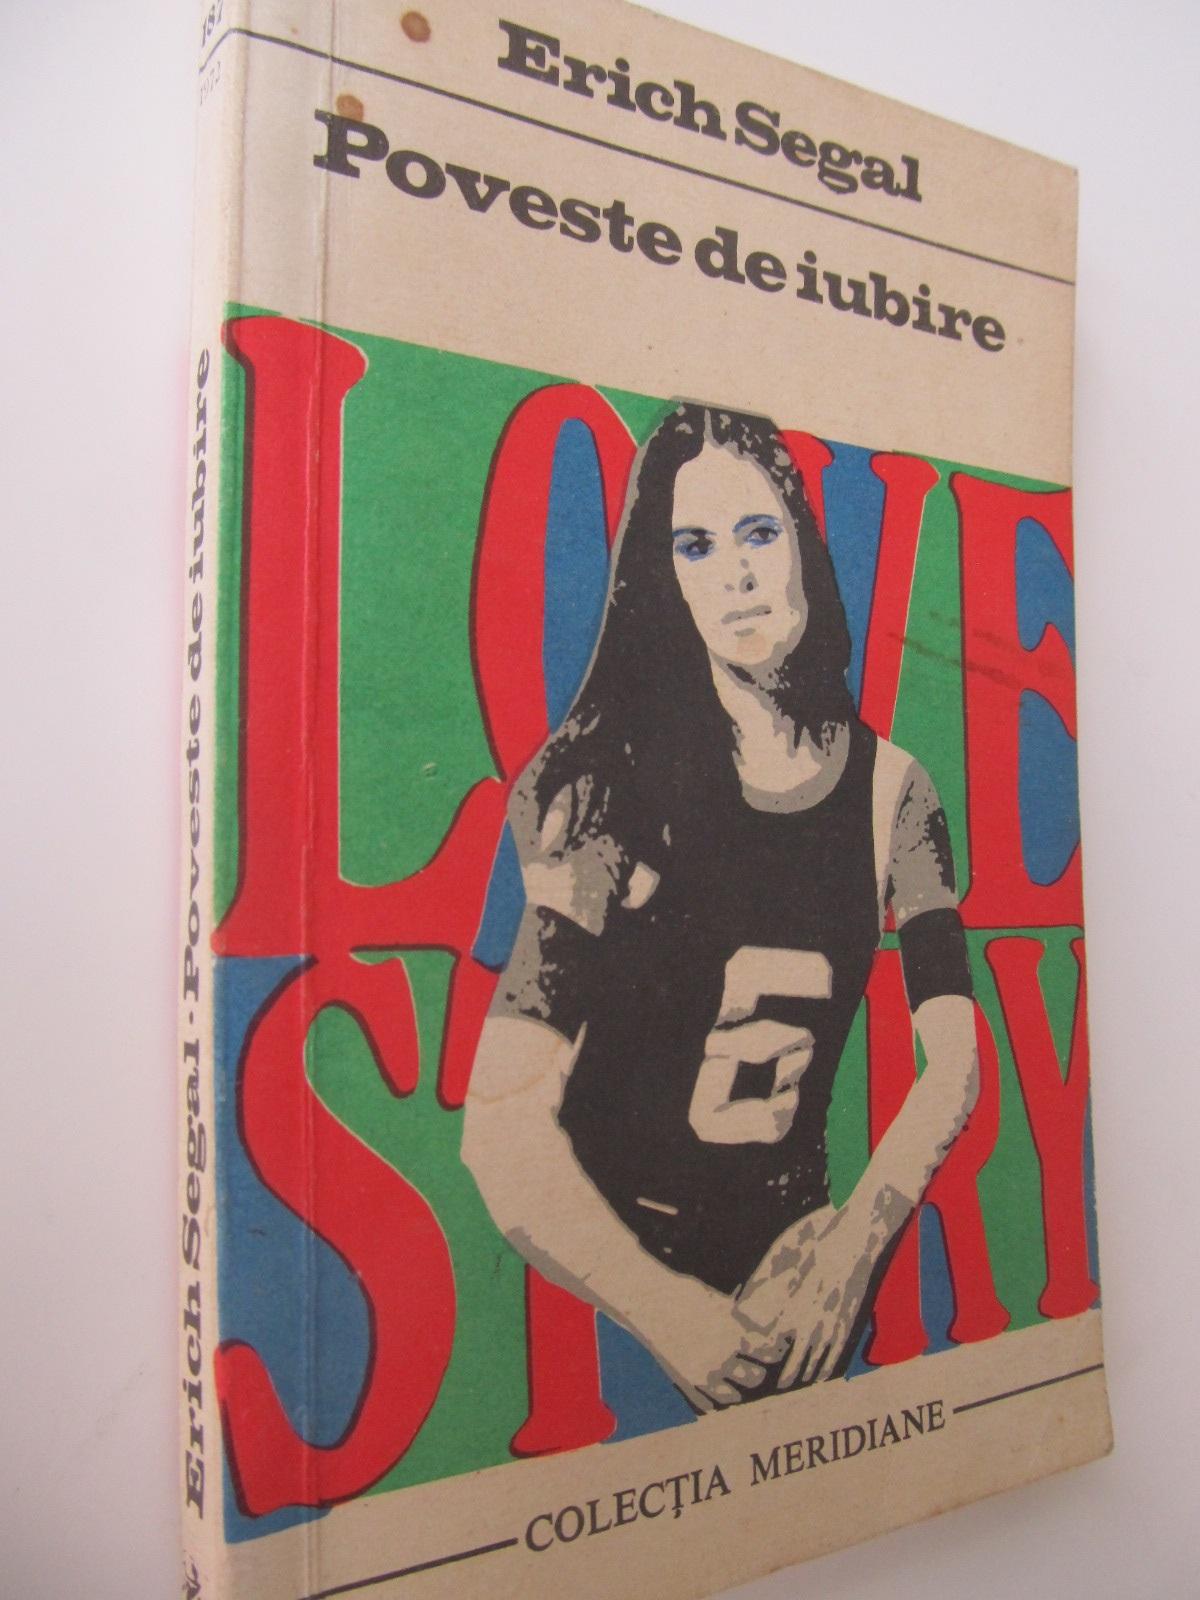 Poveste de iubire (Love story) - Erich Segal | Detalii carte